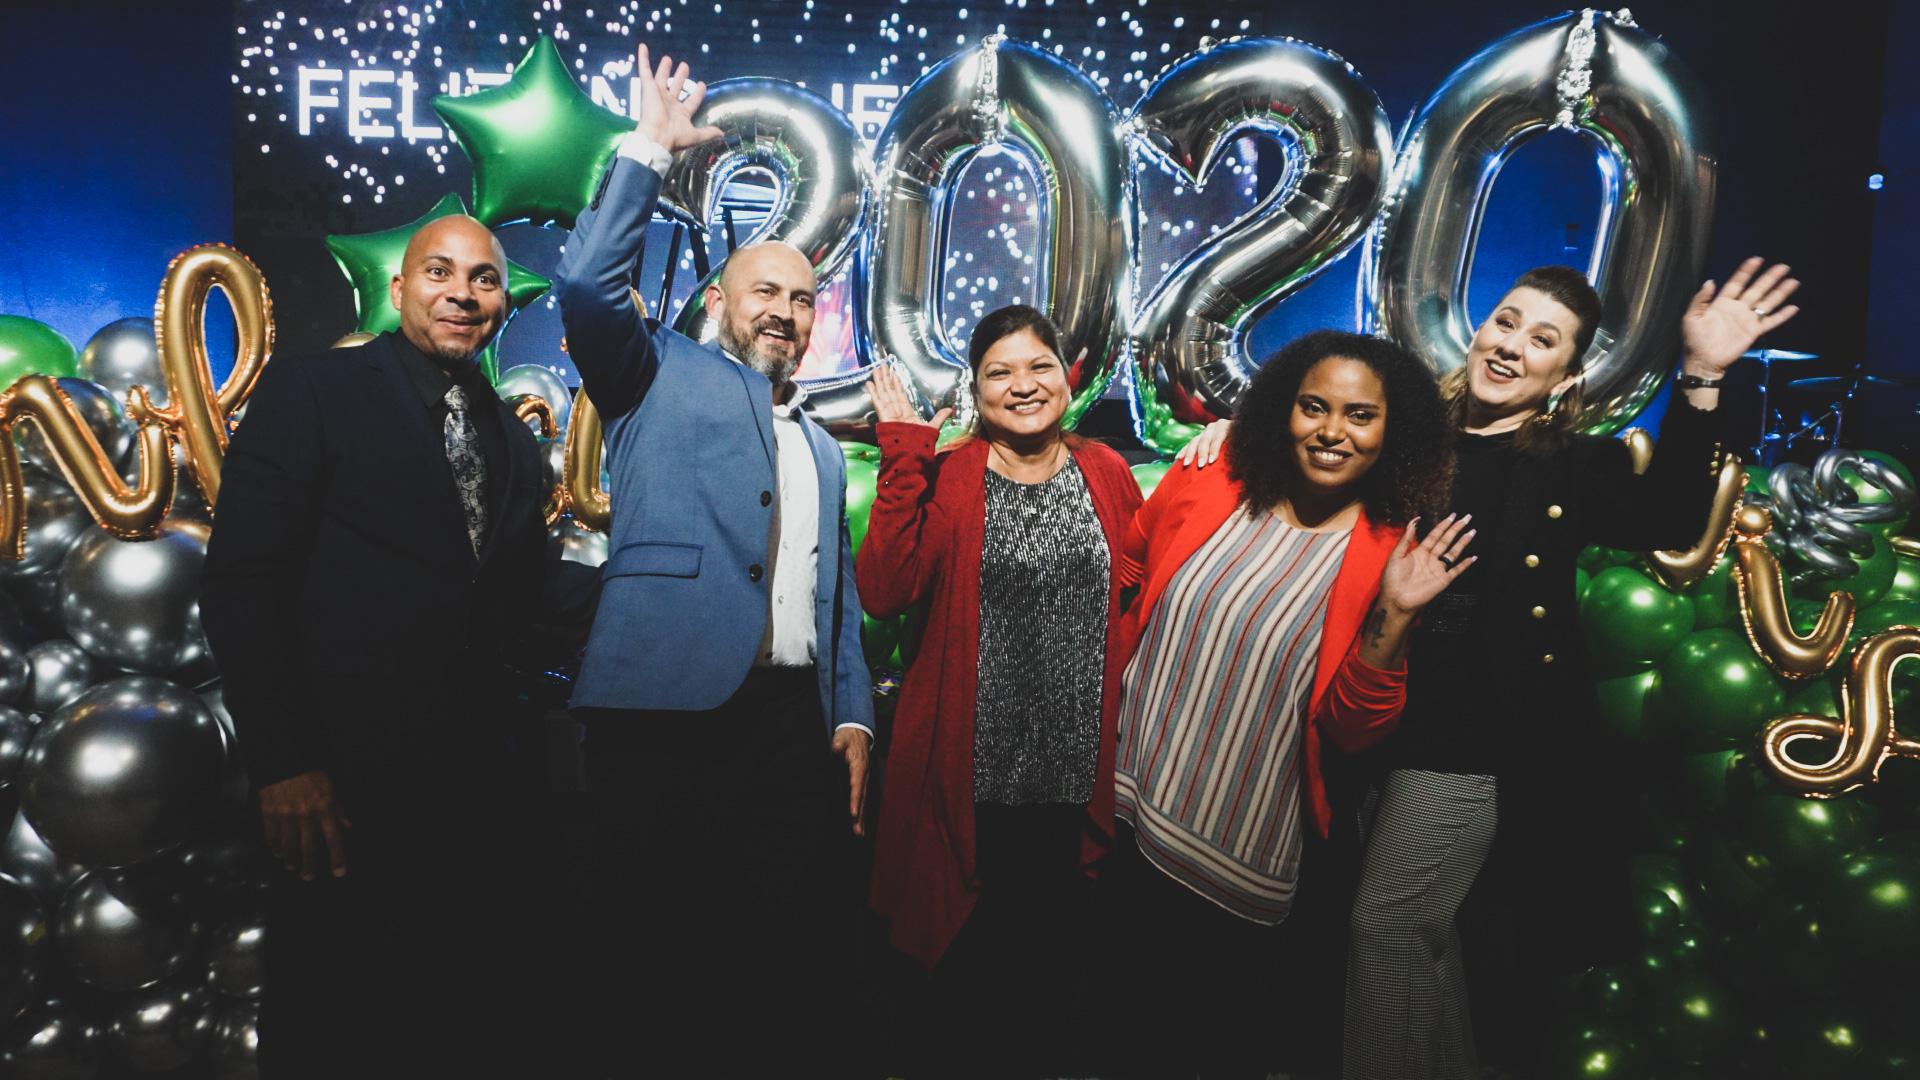 Feliz_año_pastores_y_ancianos